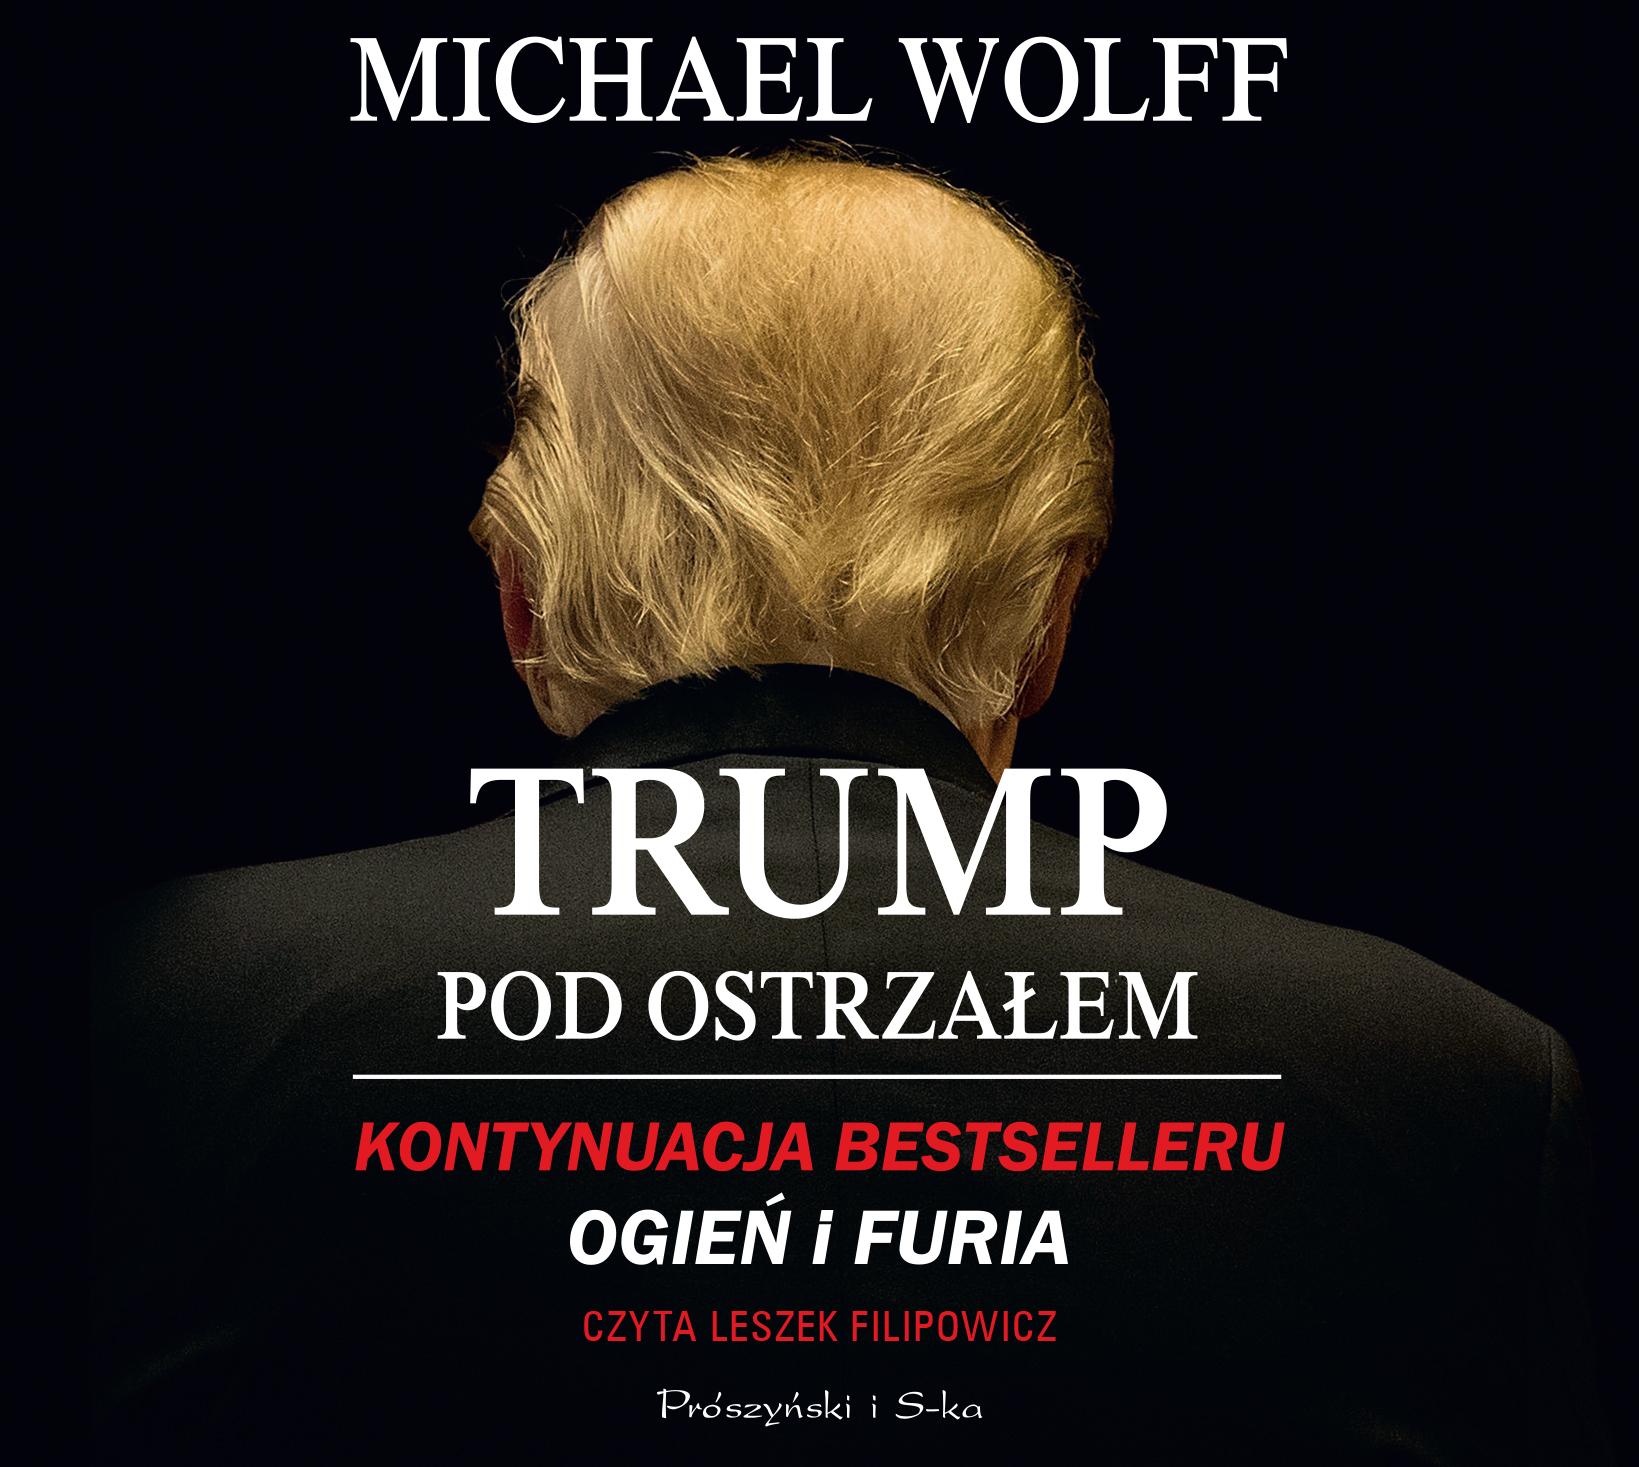 WOLFF MICHAEL – TRUMP POD OSTRZAŁEM